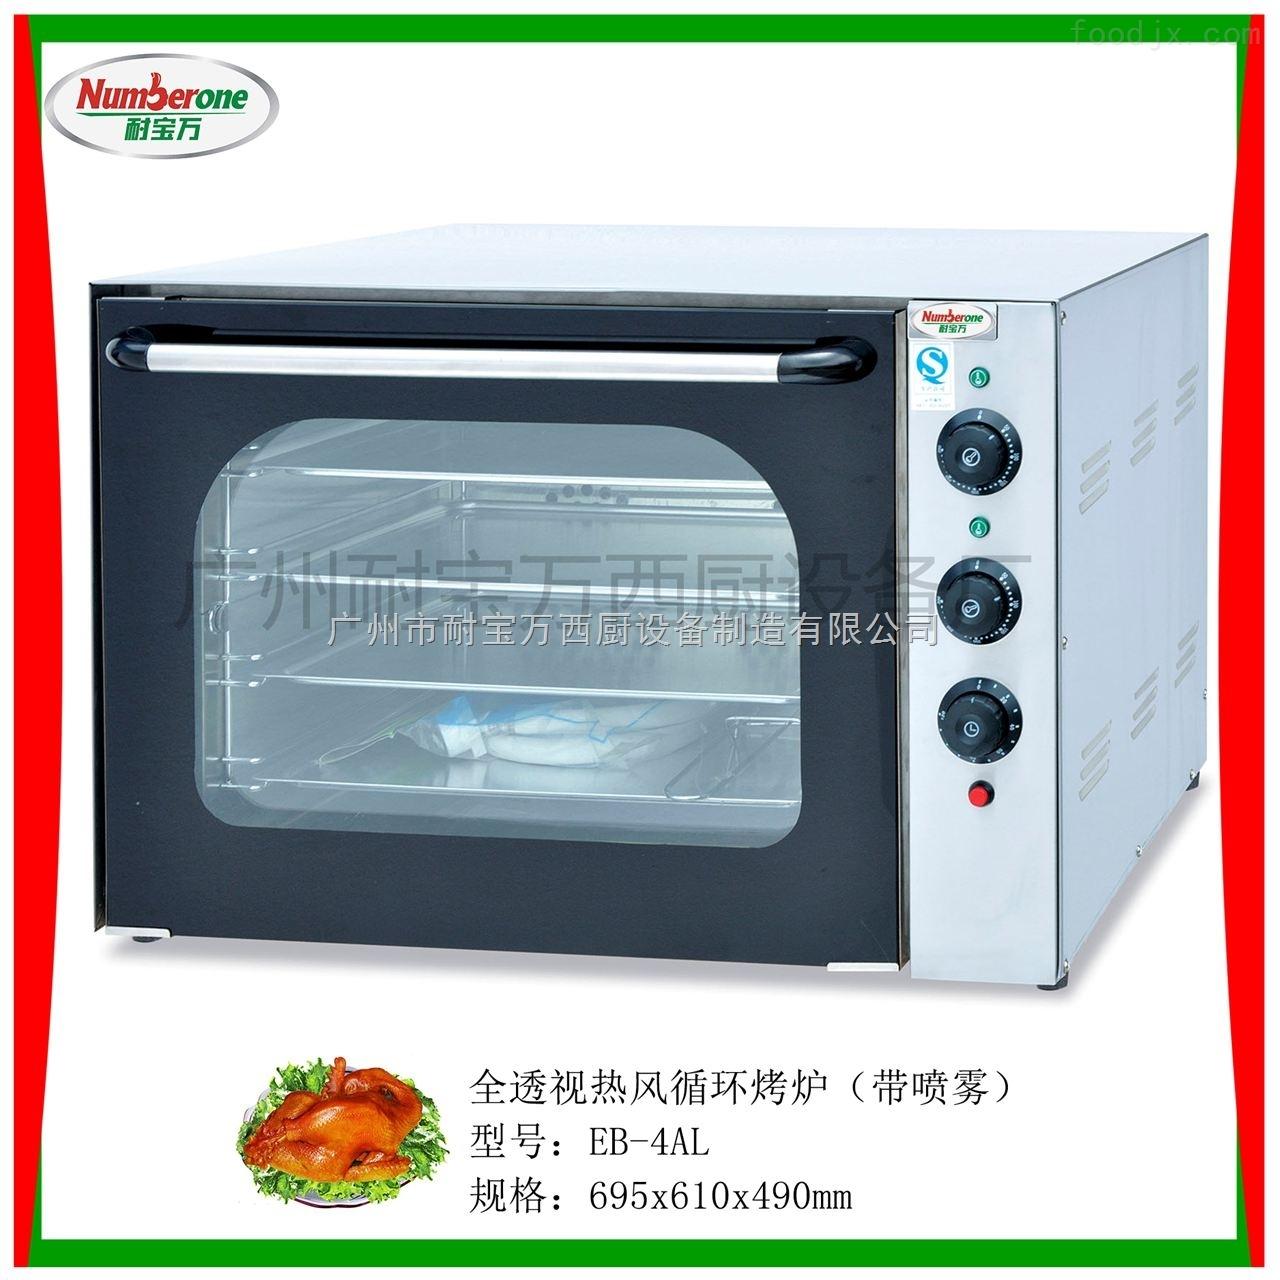 耐宝万EB-4AL热风循环电烤箱+烤箱